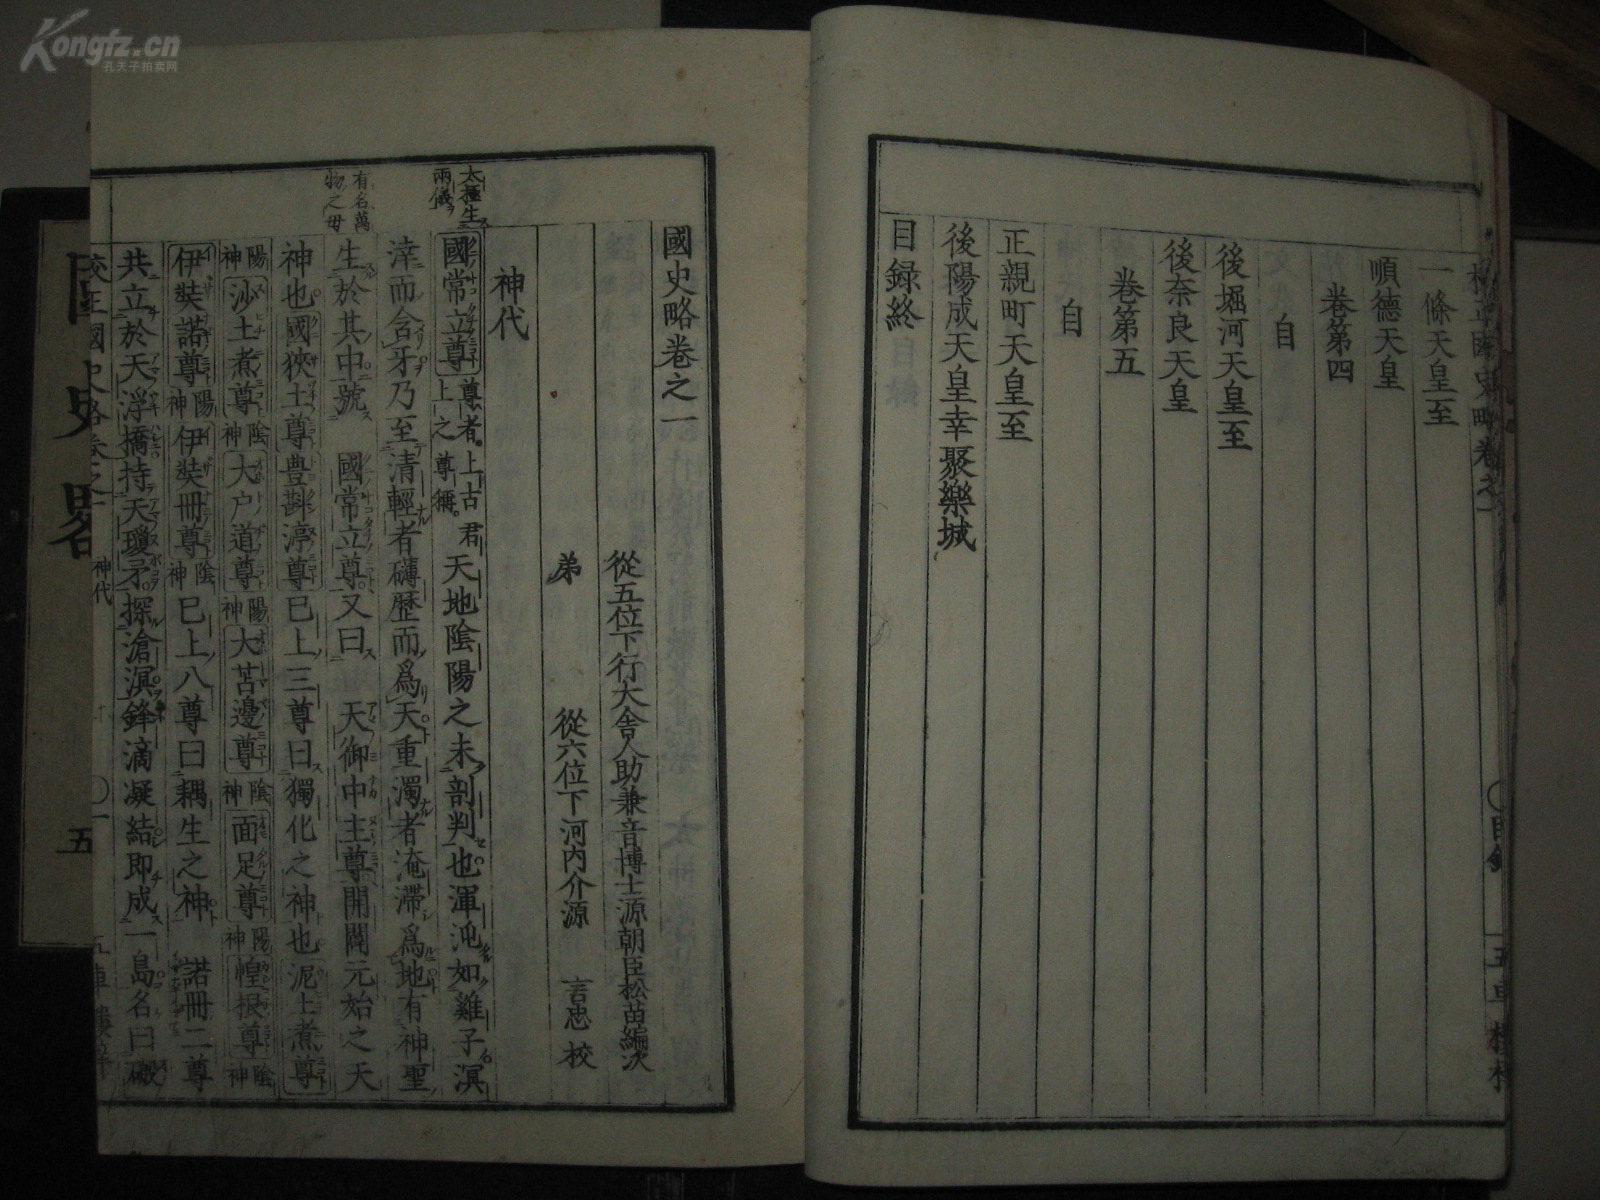 编年体通史和史书_编年体的史书_编年体史书有哪些